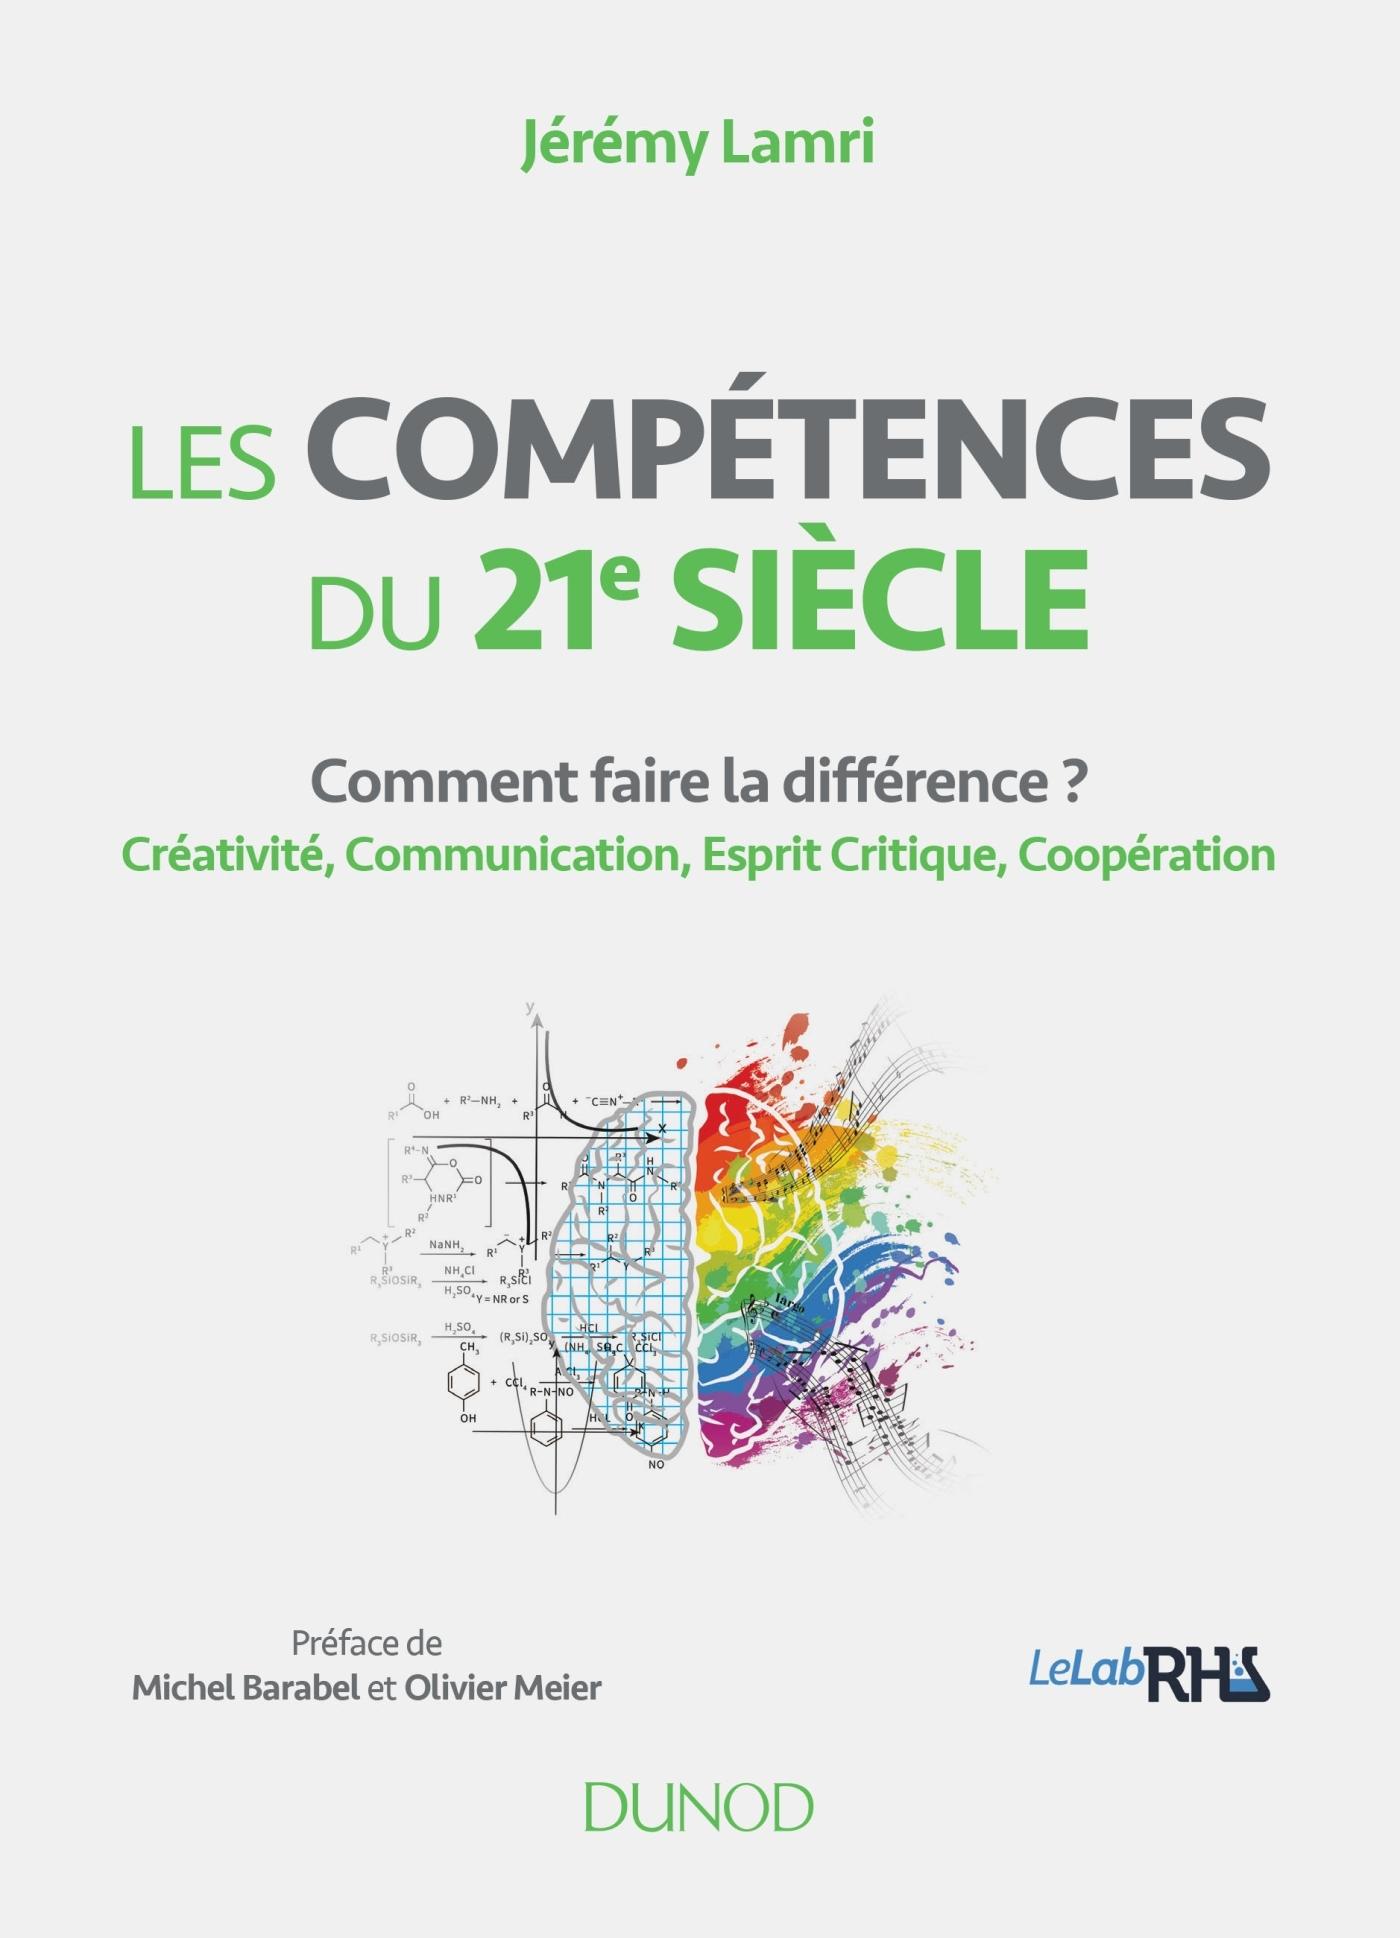 LES COMPETENCES DU 21E SIECLE - COMMENT FAIRE LA DIFFERENCE ? CREATIVITE, COMMUNICATION, ESPRIT CRIT